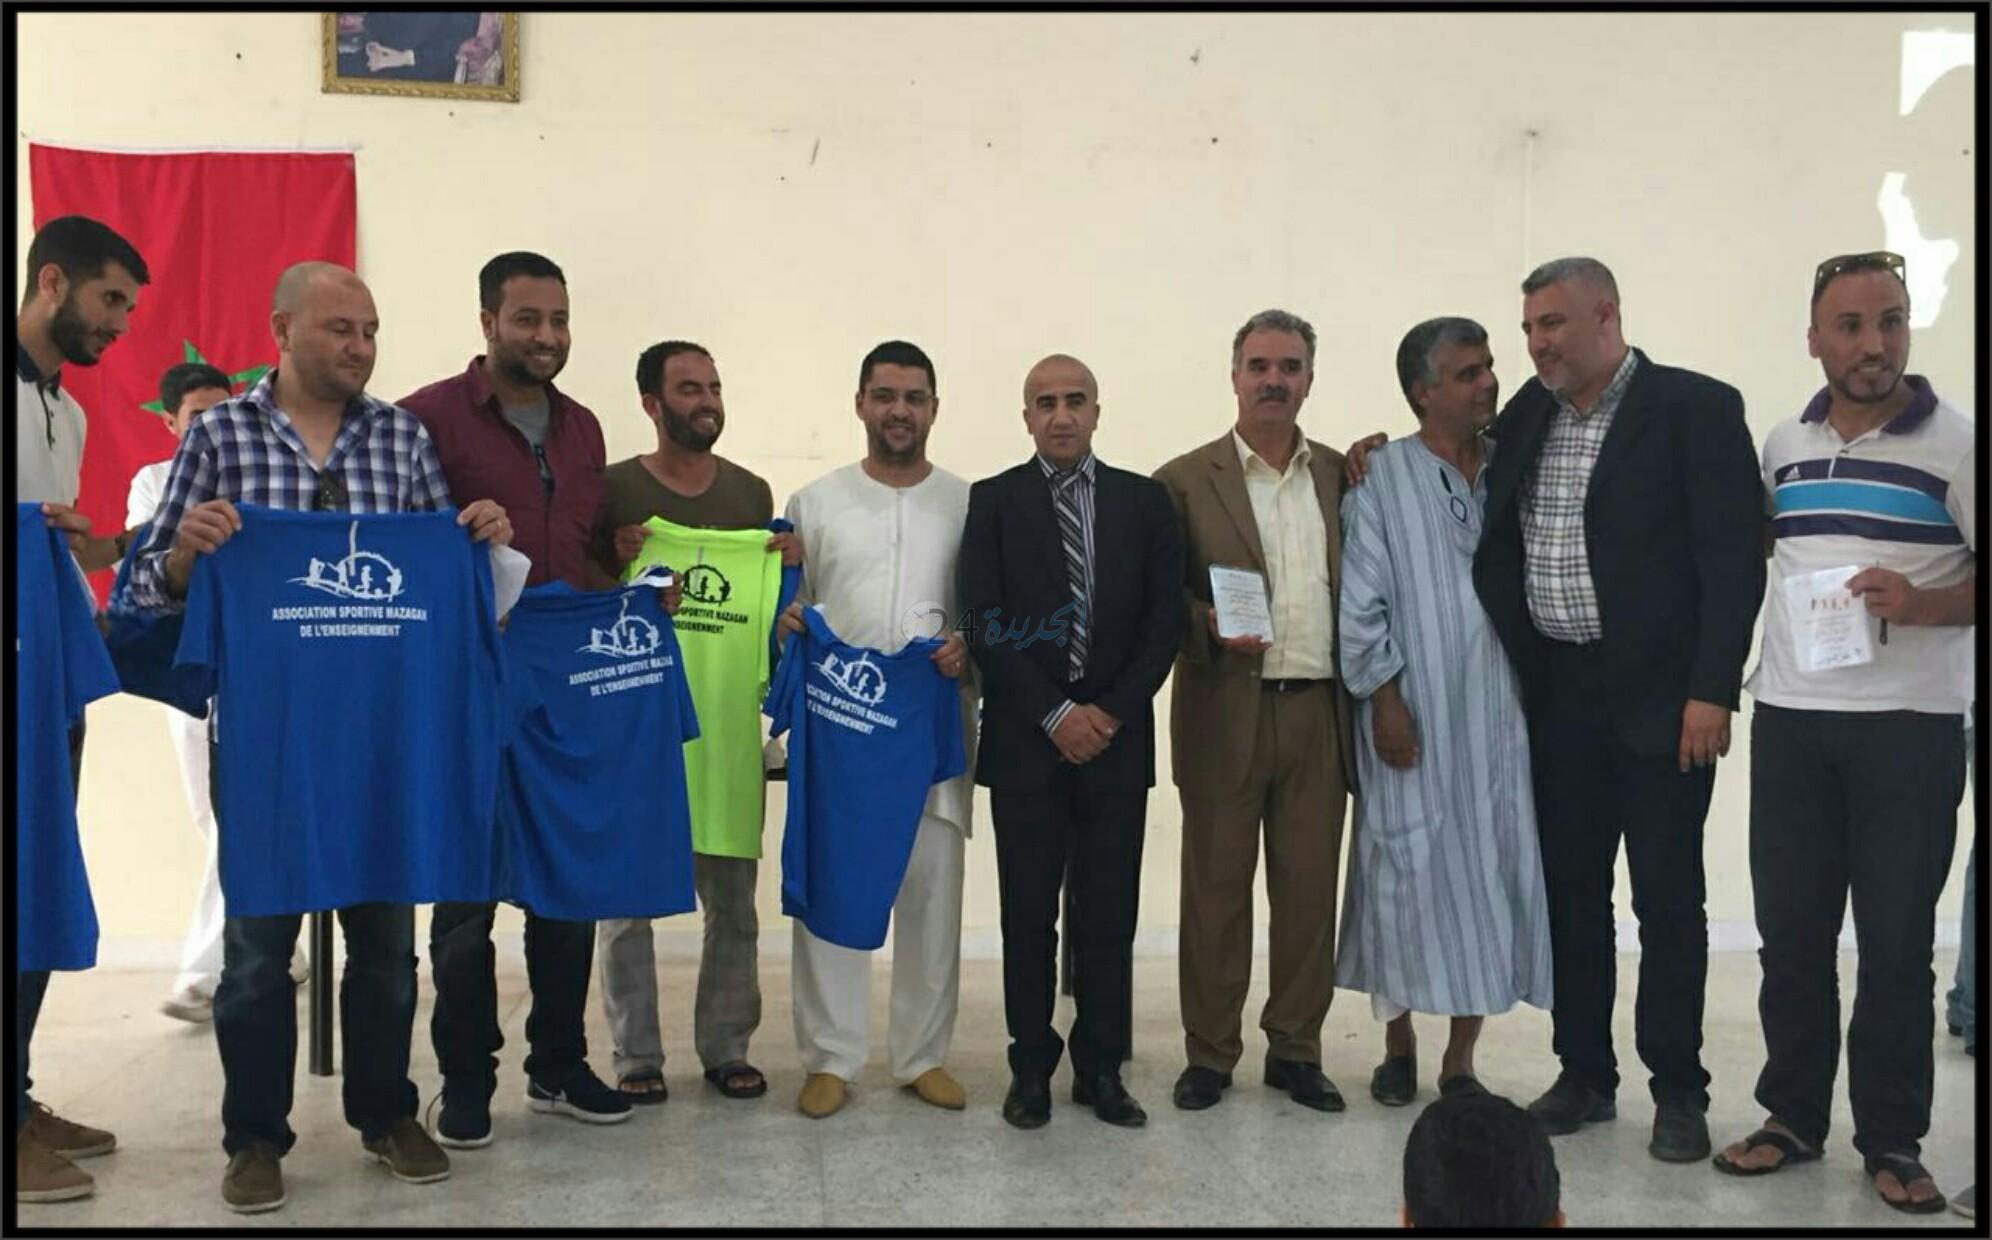 بالصور.. حفل تسليم الجوائز للفرق المتوجة بالدوري الرمضاني لكرة القدم لرجال التعليم بالجديدة